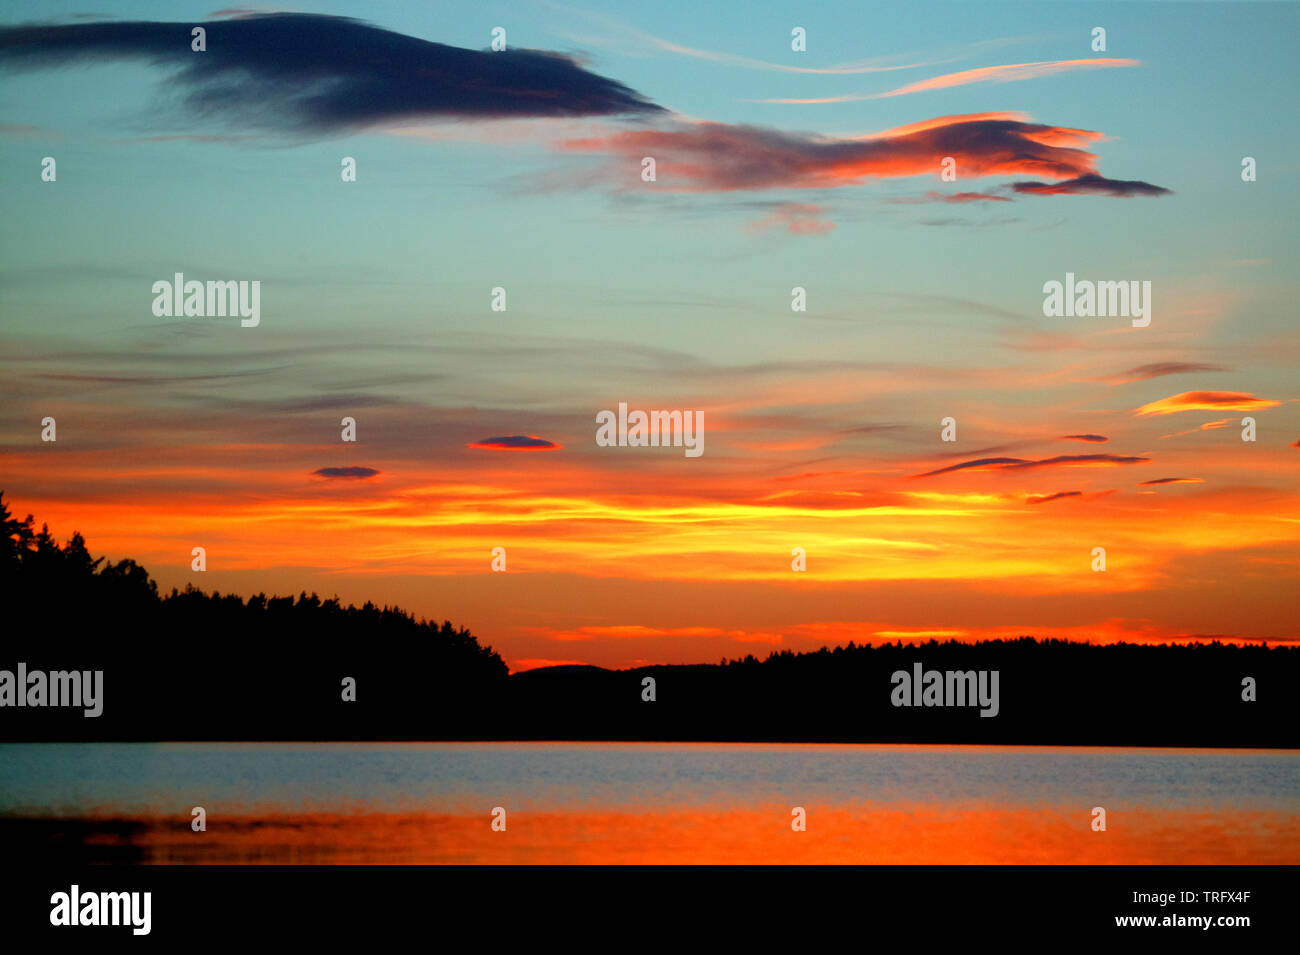 Ciel coloré au coucher du soleil dans le lac Vansjø en Østfold, Norvège. Le lac Vansjø et ses lacs et rivières sont une partie de l'eau appelé système Morsavassdraget. Mai, 2006. Banque D'Images